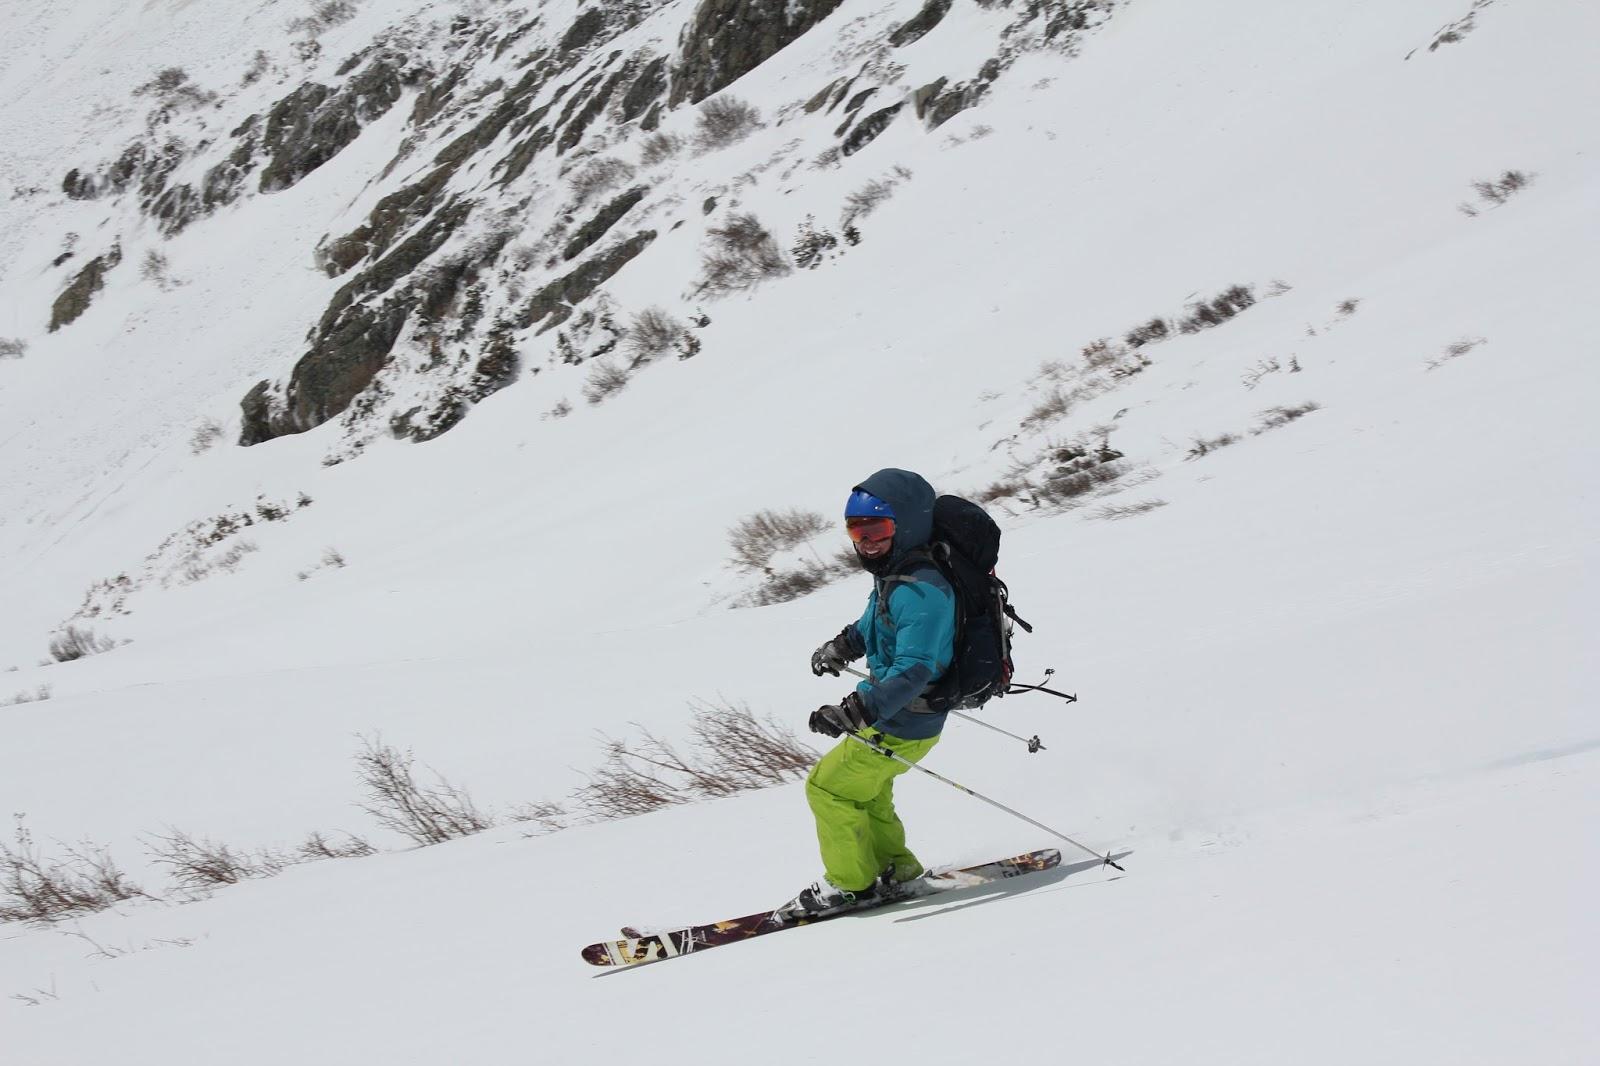 When Will Colorado Ski Areas Open?